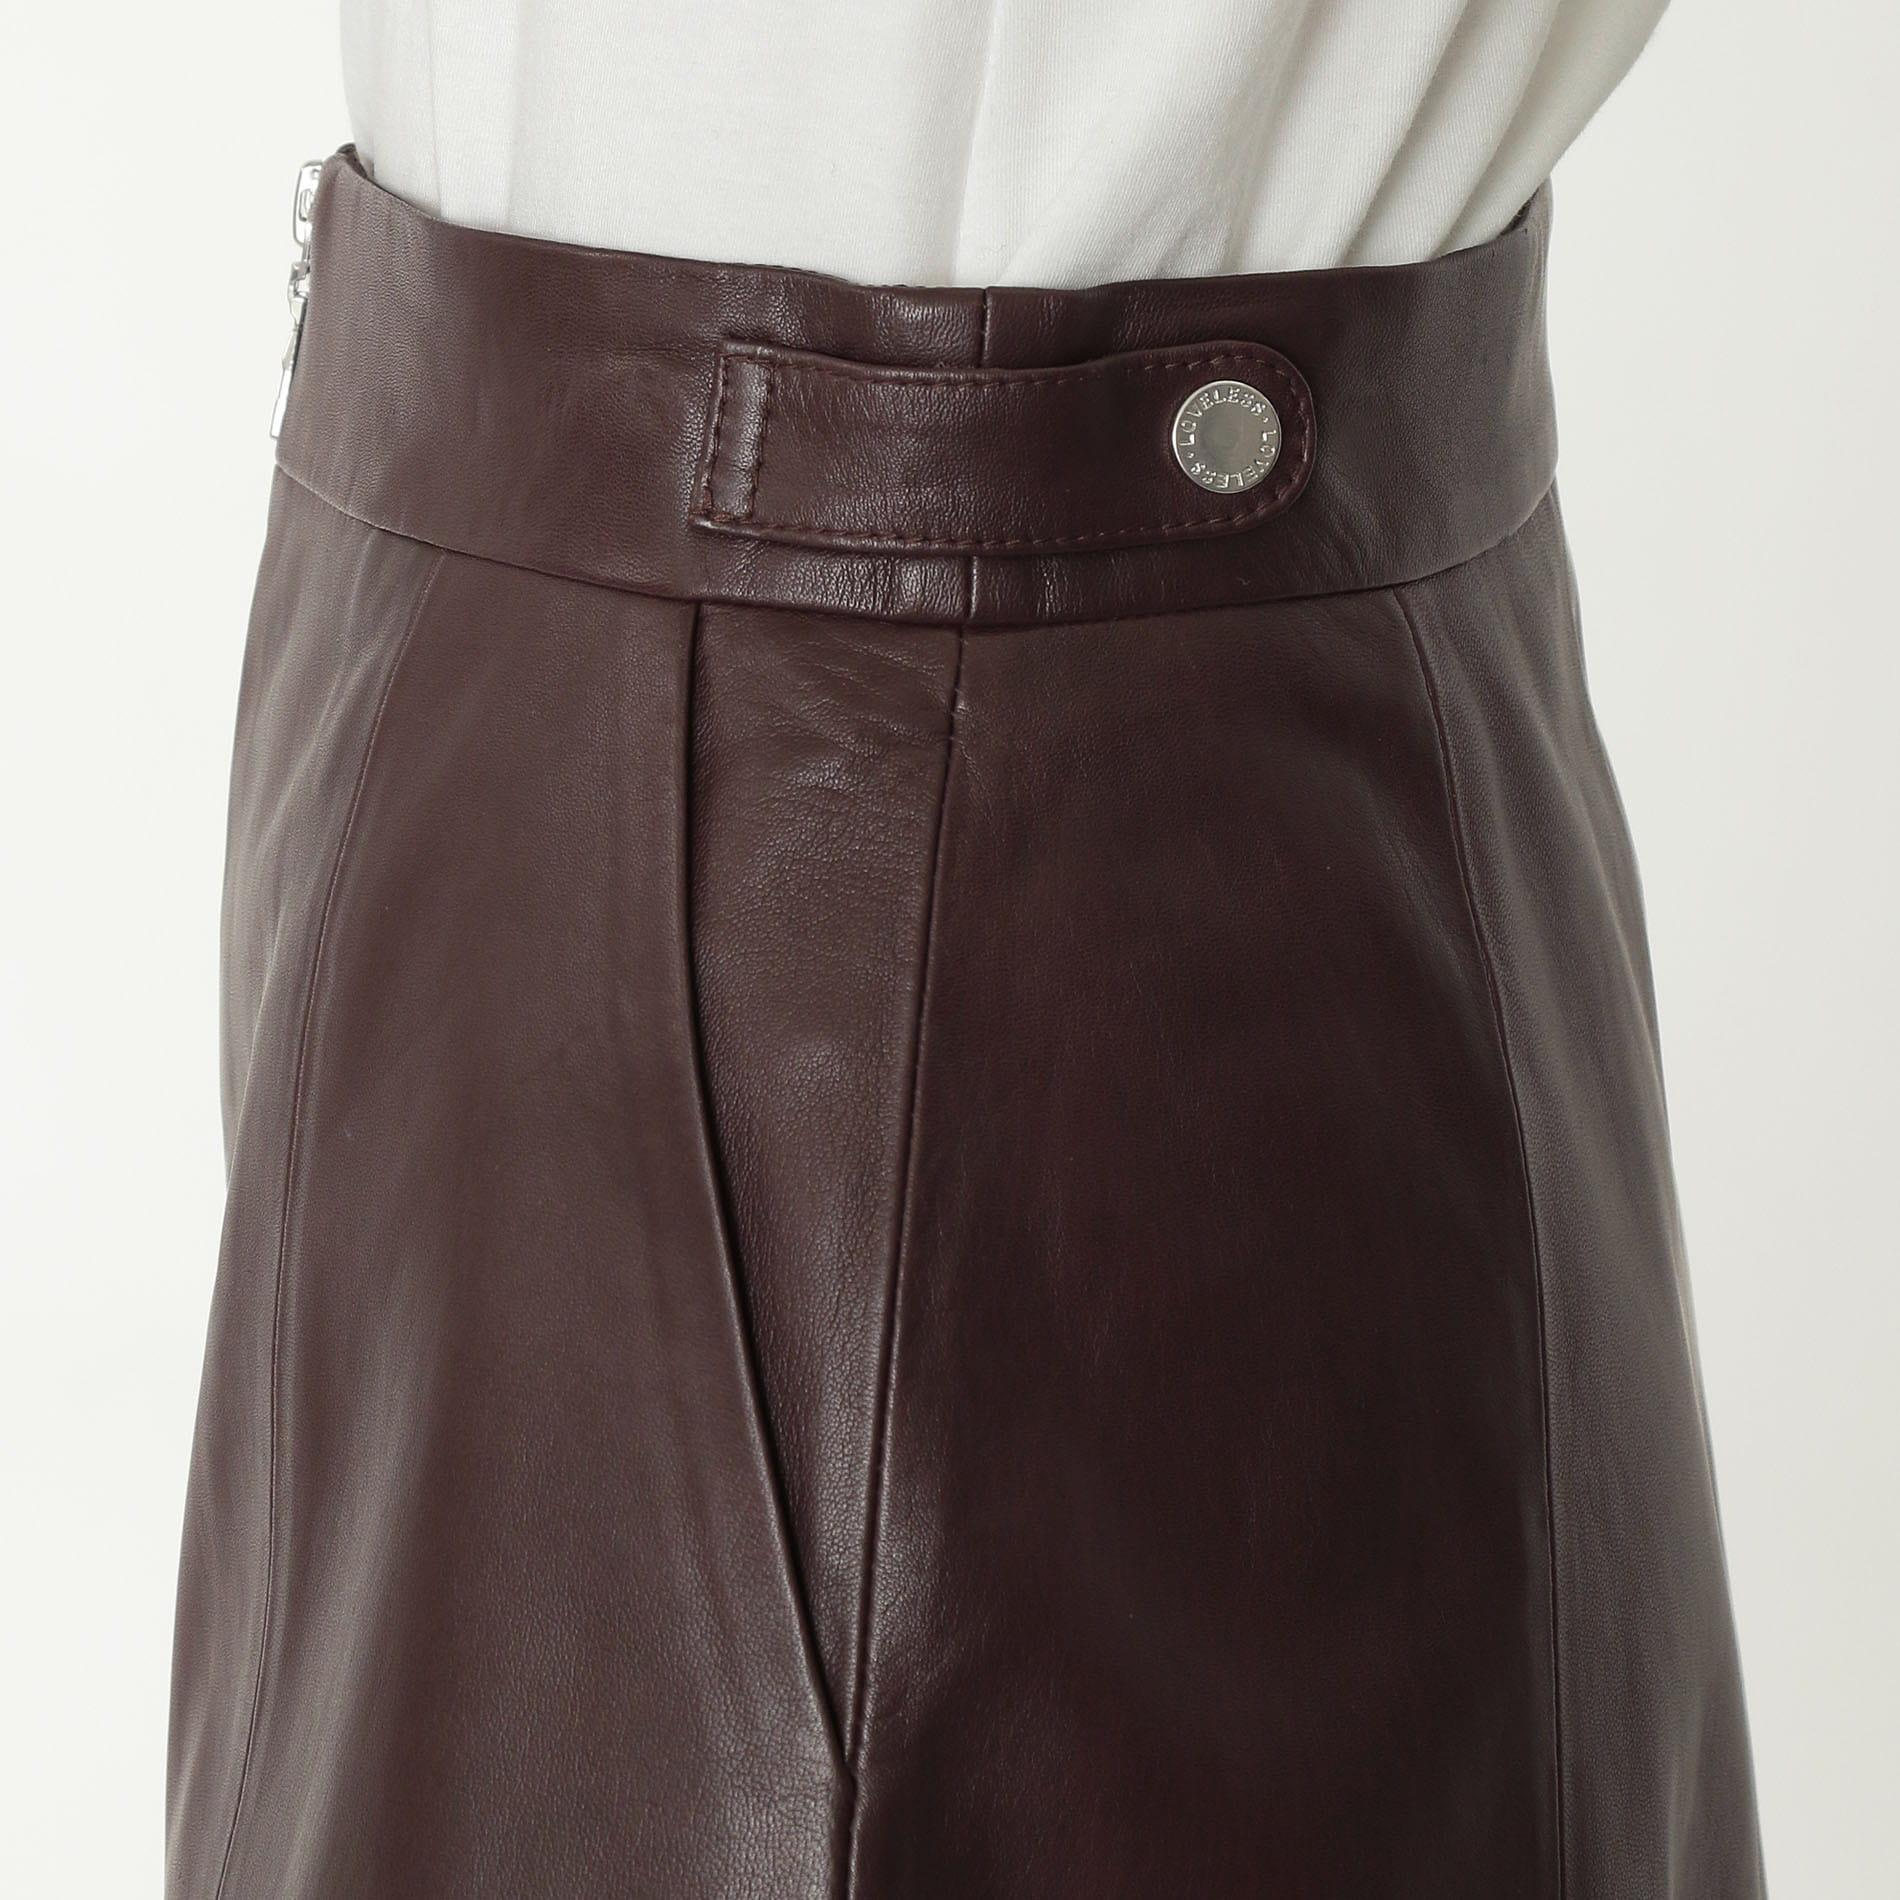 【予約販売】ラムレザー ZIP スカート